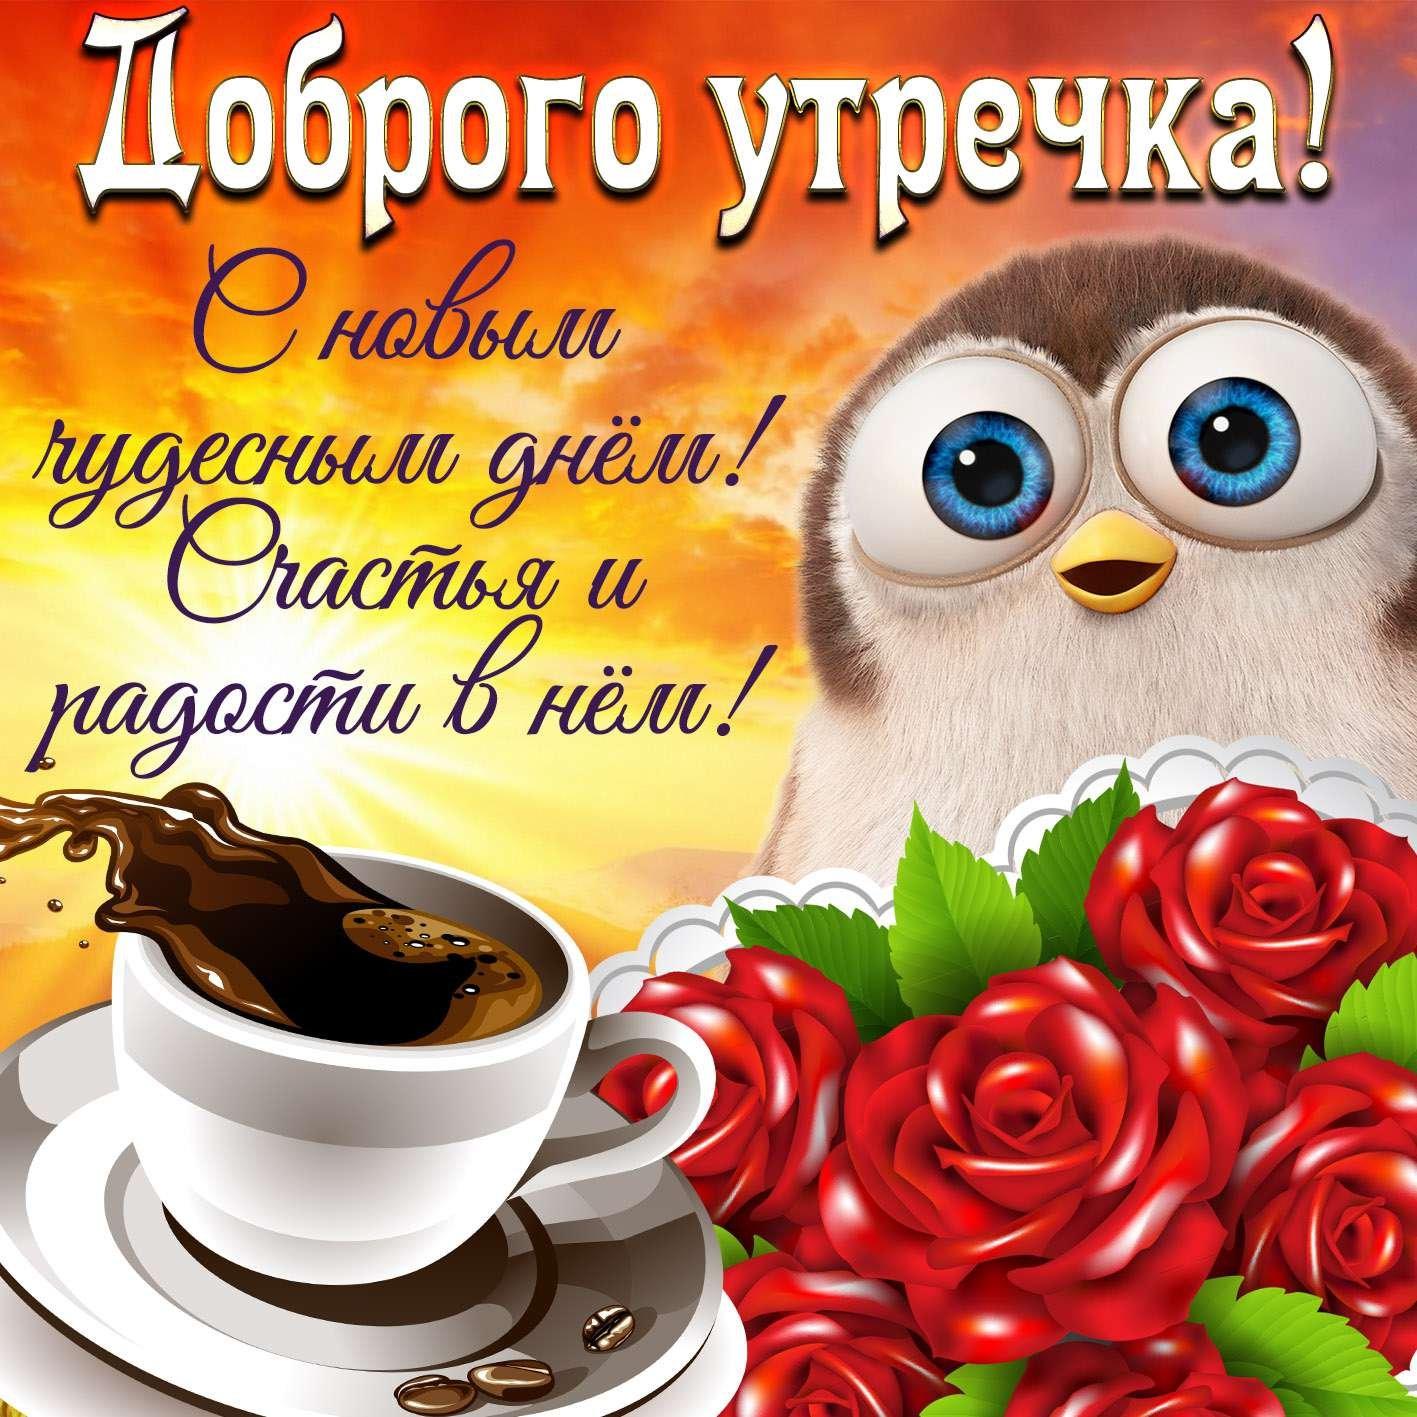 Очень красивая картинка с пожеланиями доброго утра, картинки фэнтези картинки